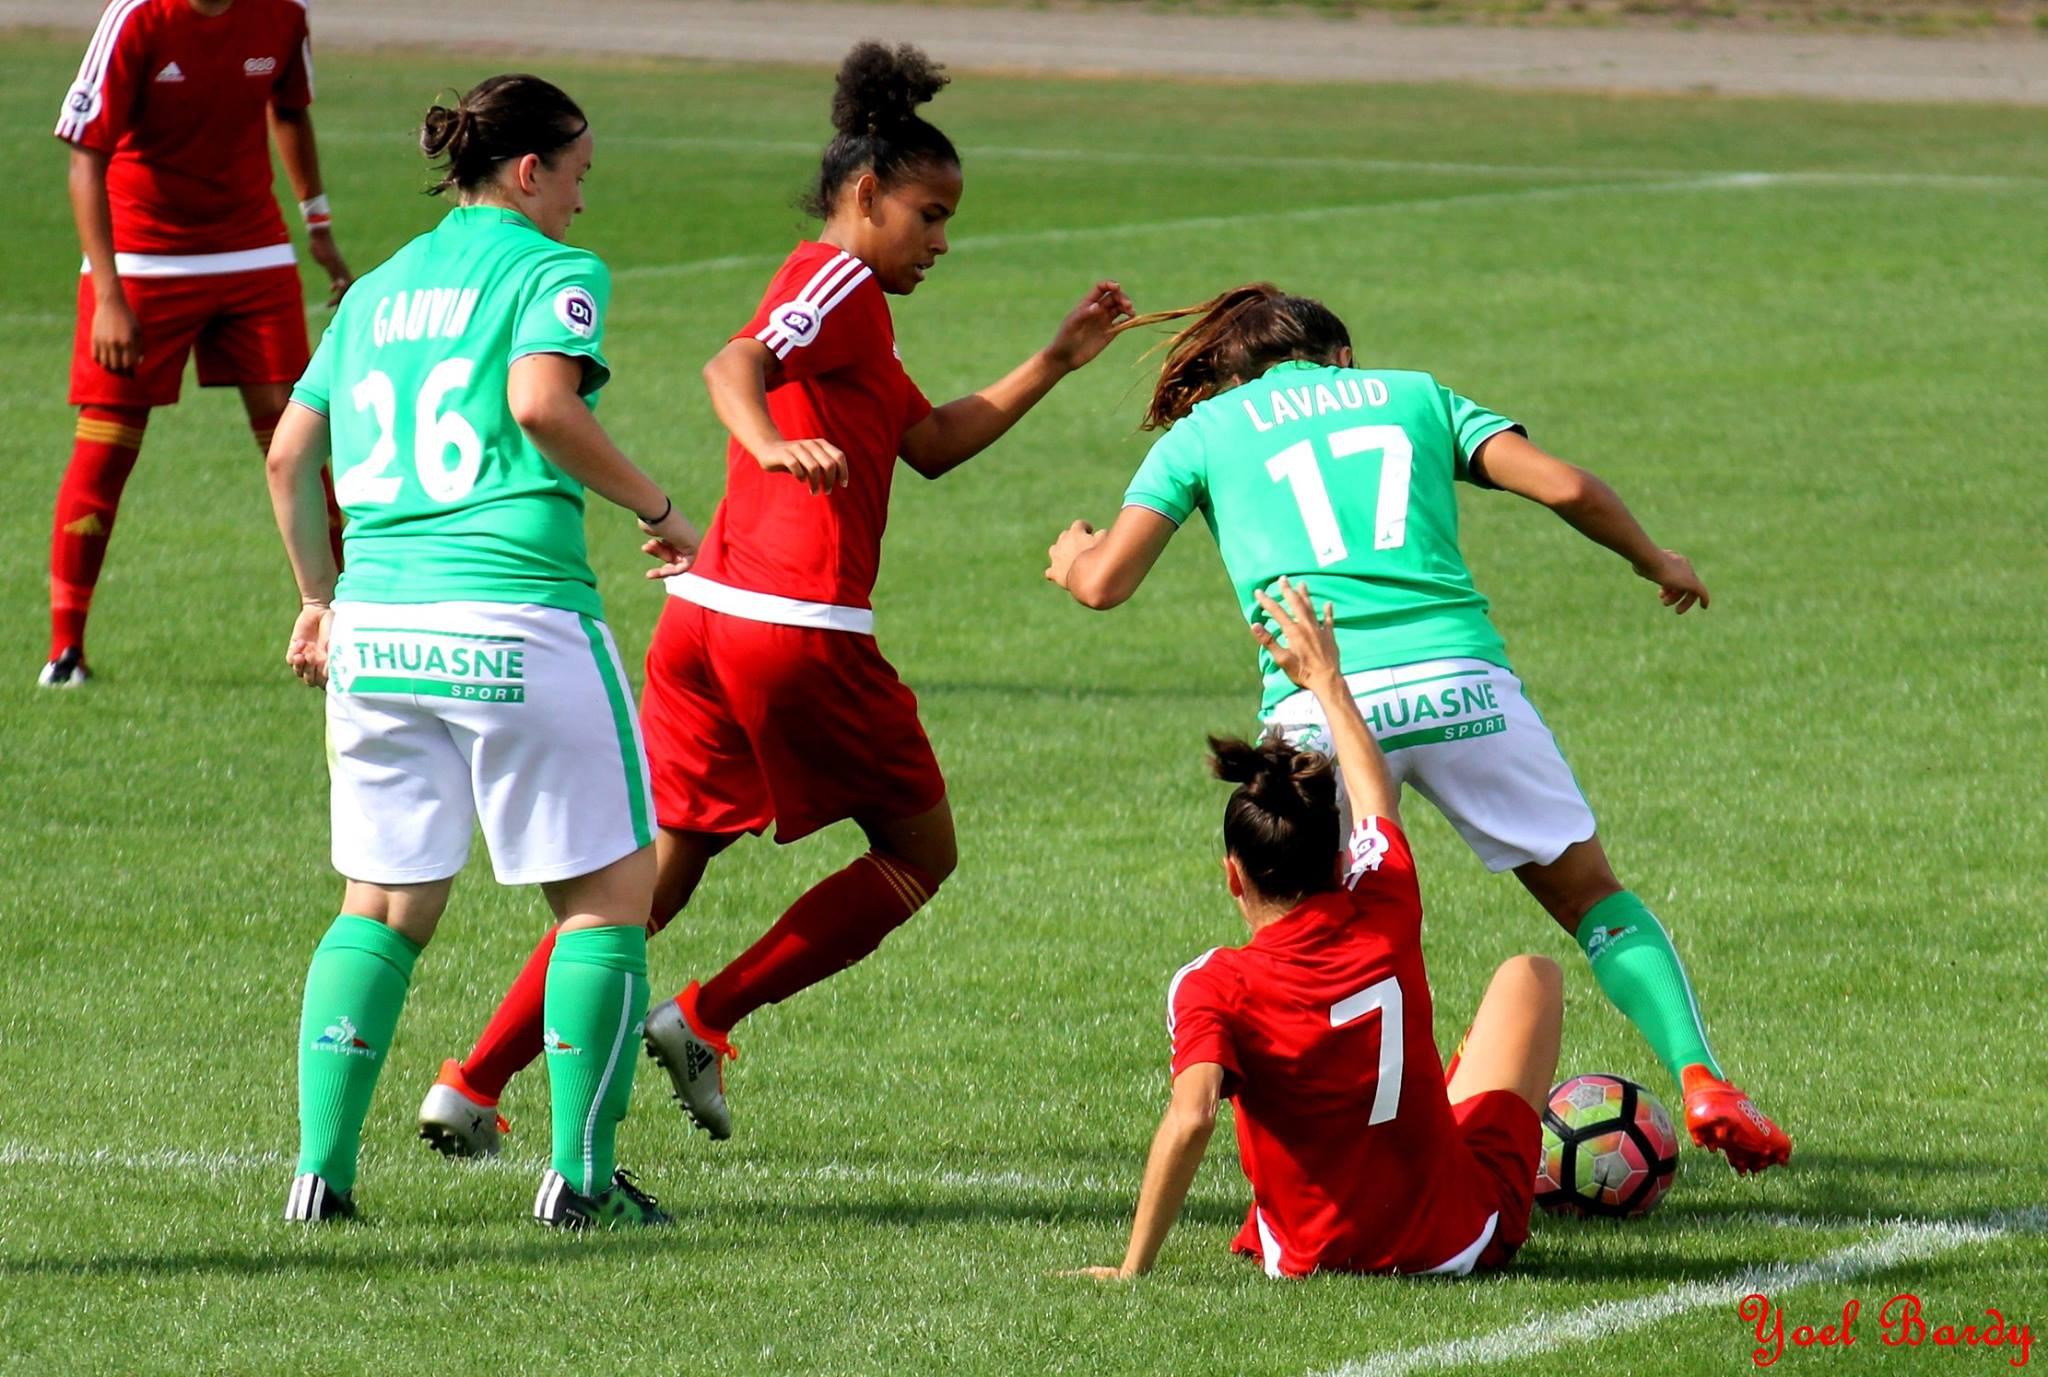 Un match accroché pour débuter (photo Yoël bardy)